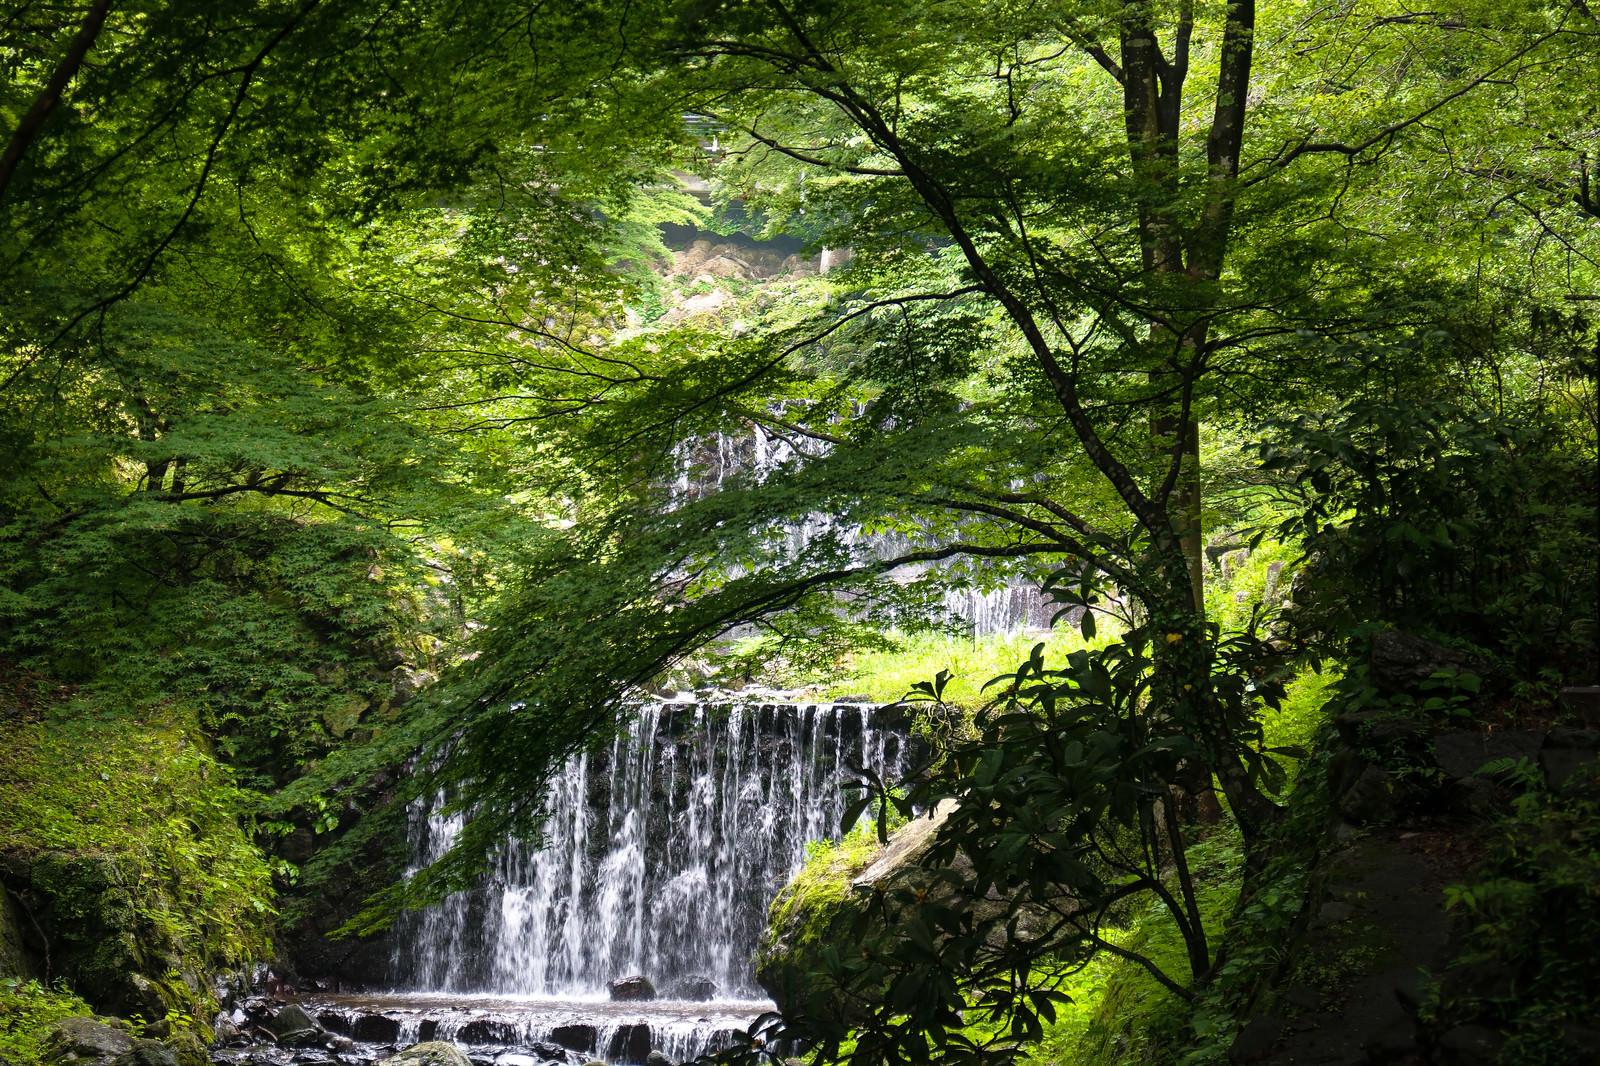 「養老の滝へと向かう道から見える新緑に囲まれたせせらぎ」の写真